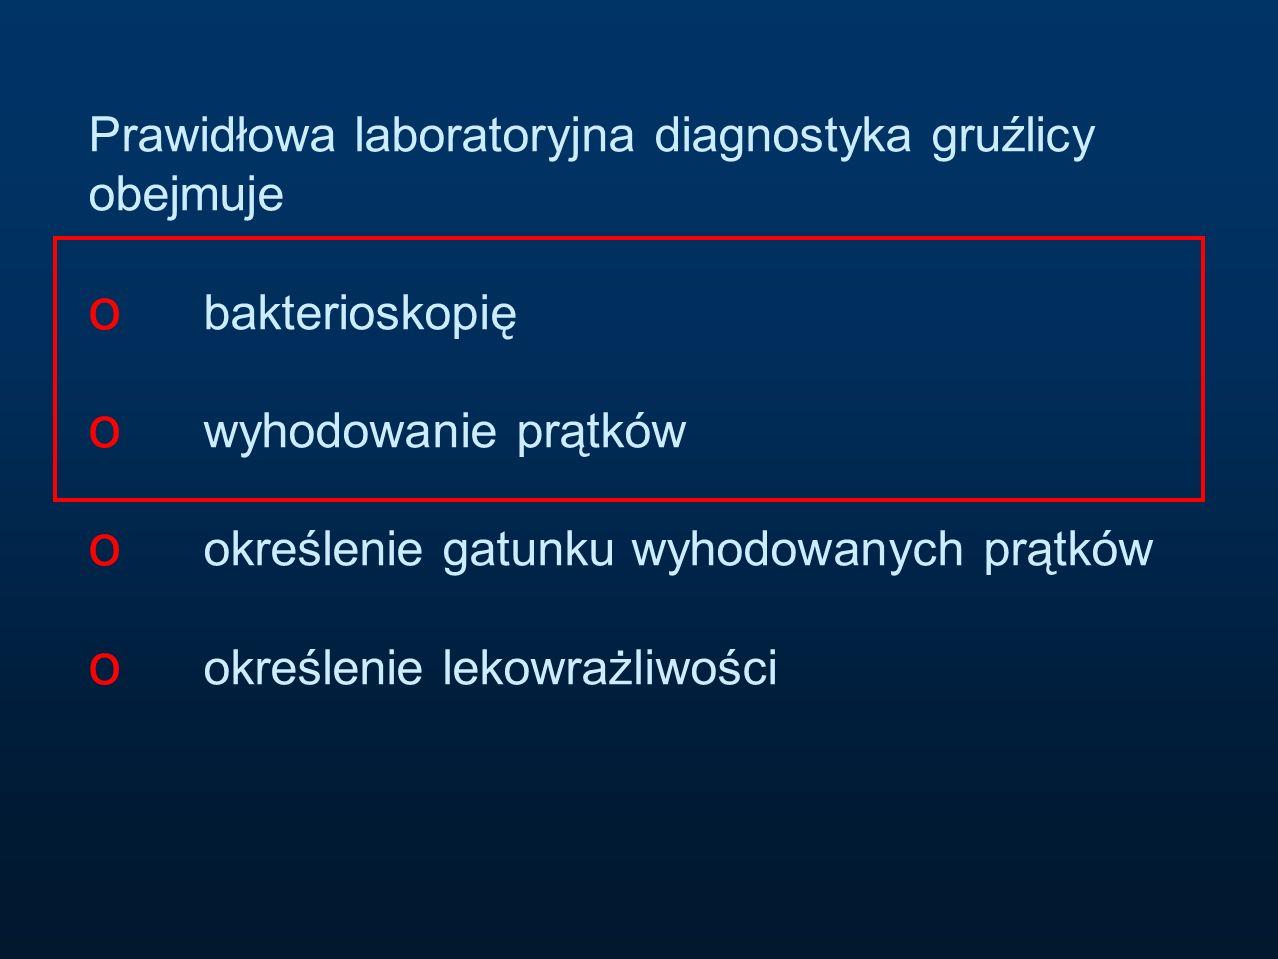 Prawidłowa laboratoryjna diagnostyka gruźlicy obejmuje